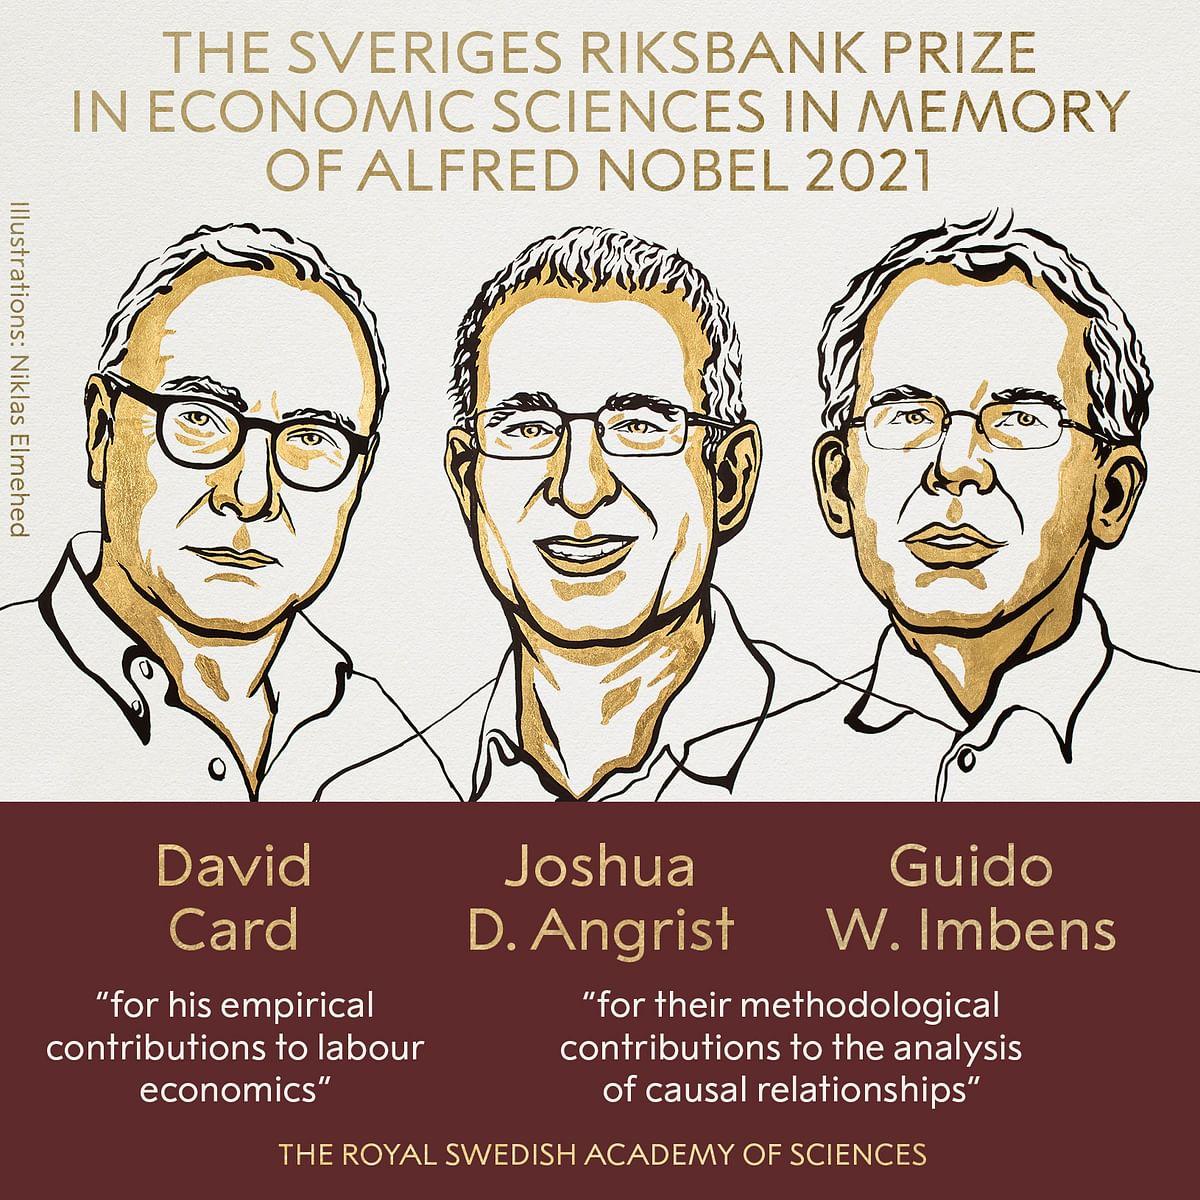 Nobel Prize in economics 2021 : तीन अमेरिकी अर्थशास्त्रियों को दिया गया पुरस्कार, ये है इनकी उपलब्धि